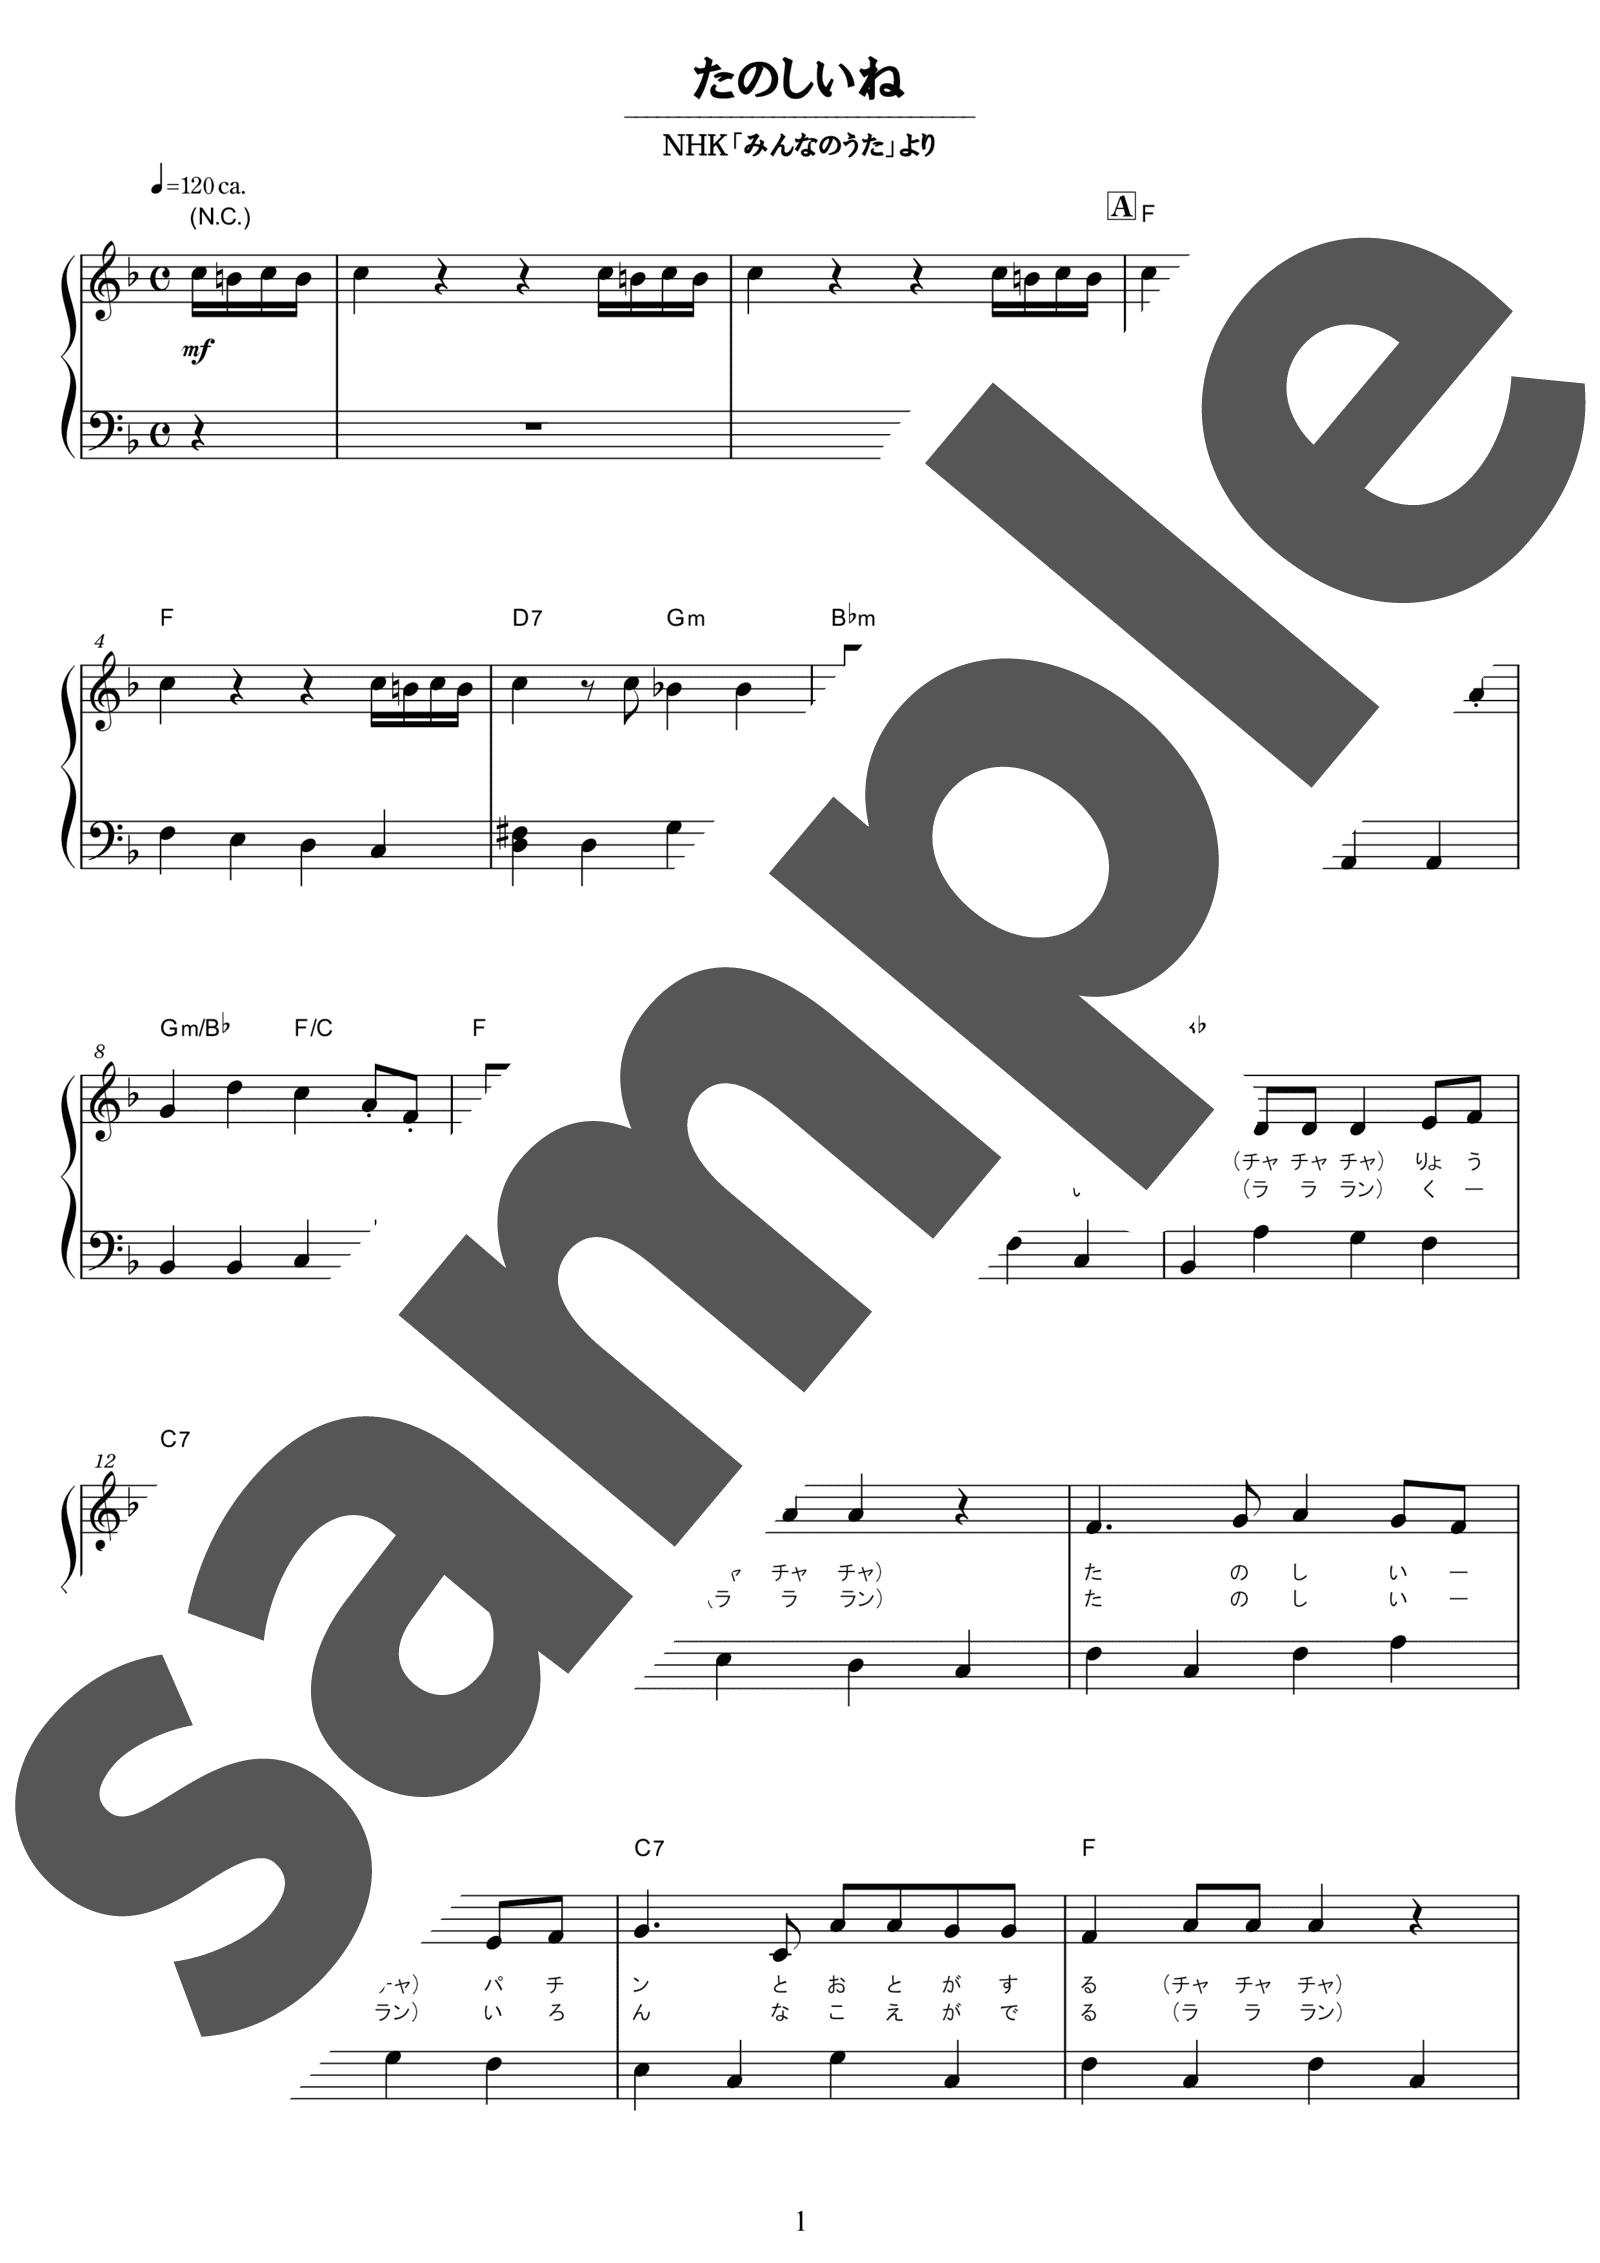 「たのしいね」のサンプル楽譜